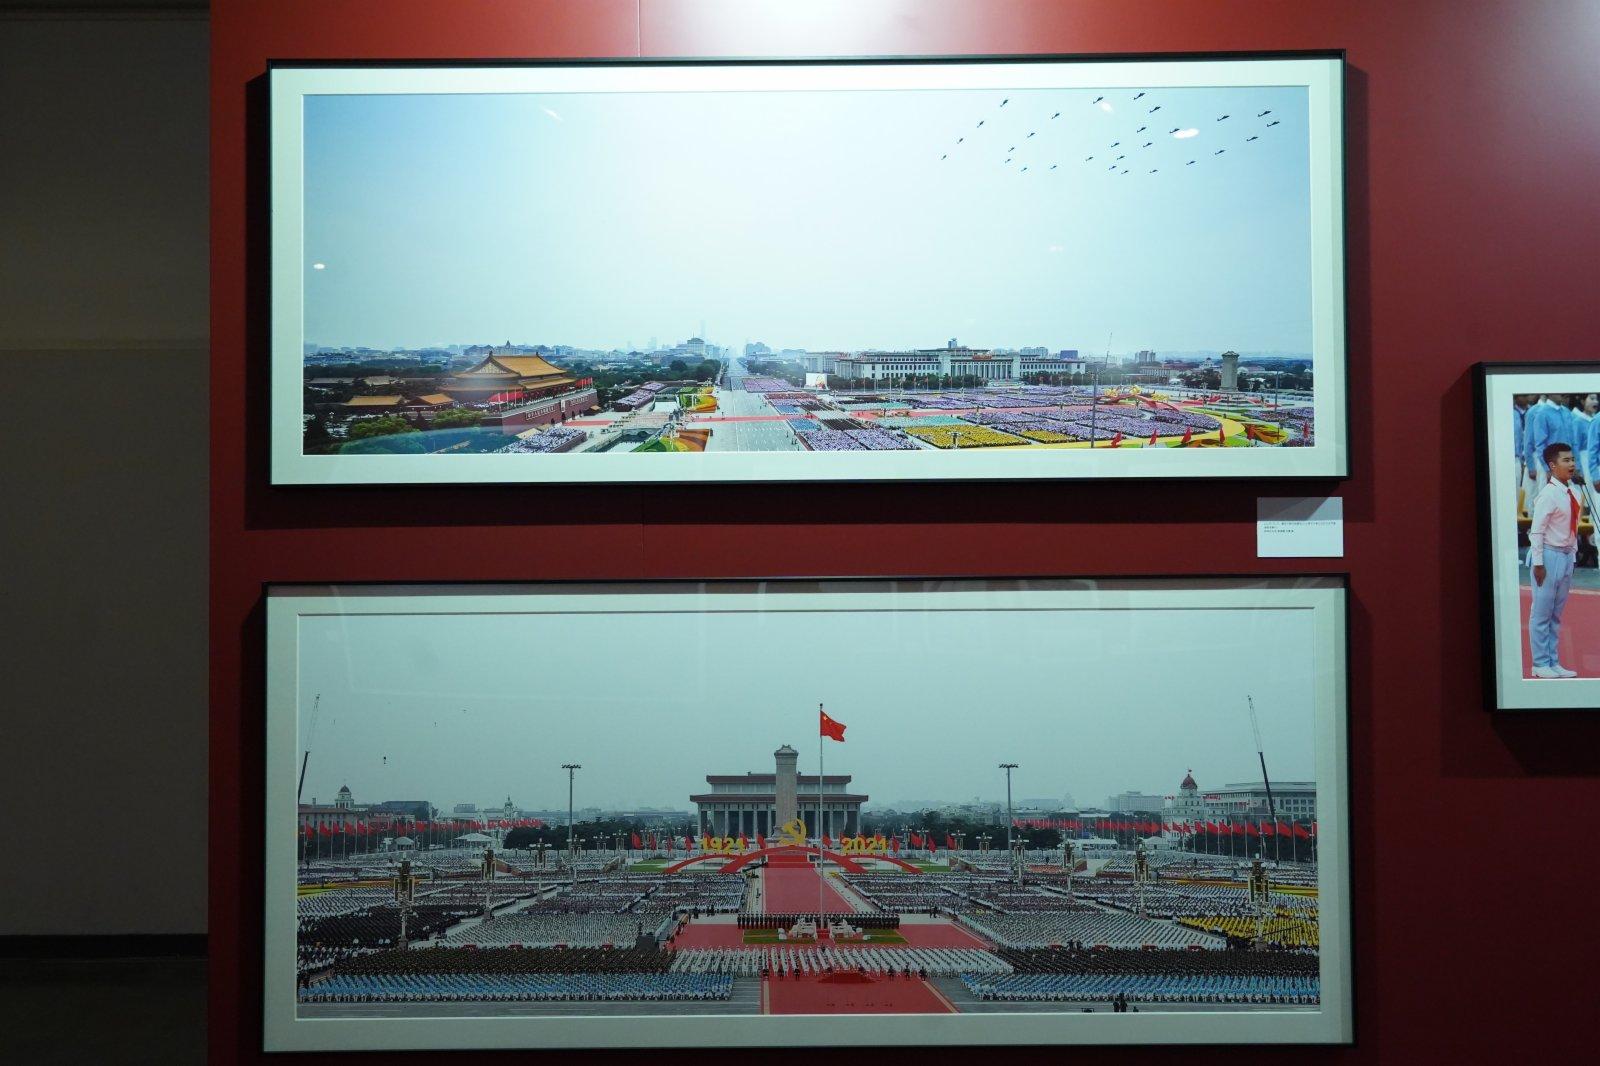 「光影記憶·百年風華」——《國家相冊》大型圖片典藏展今日(8日)在香港中央圖書館開幕。(香港文匯報記者曾慶威攝)